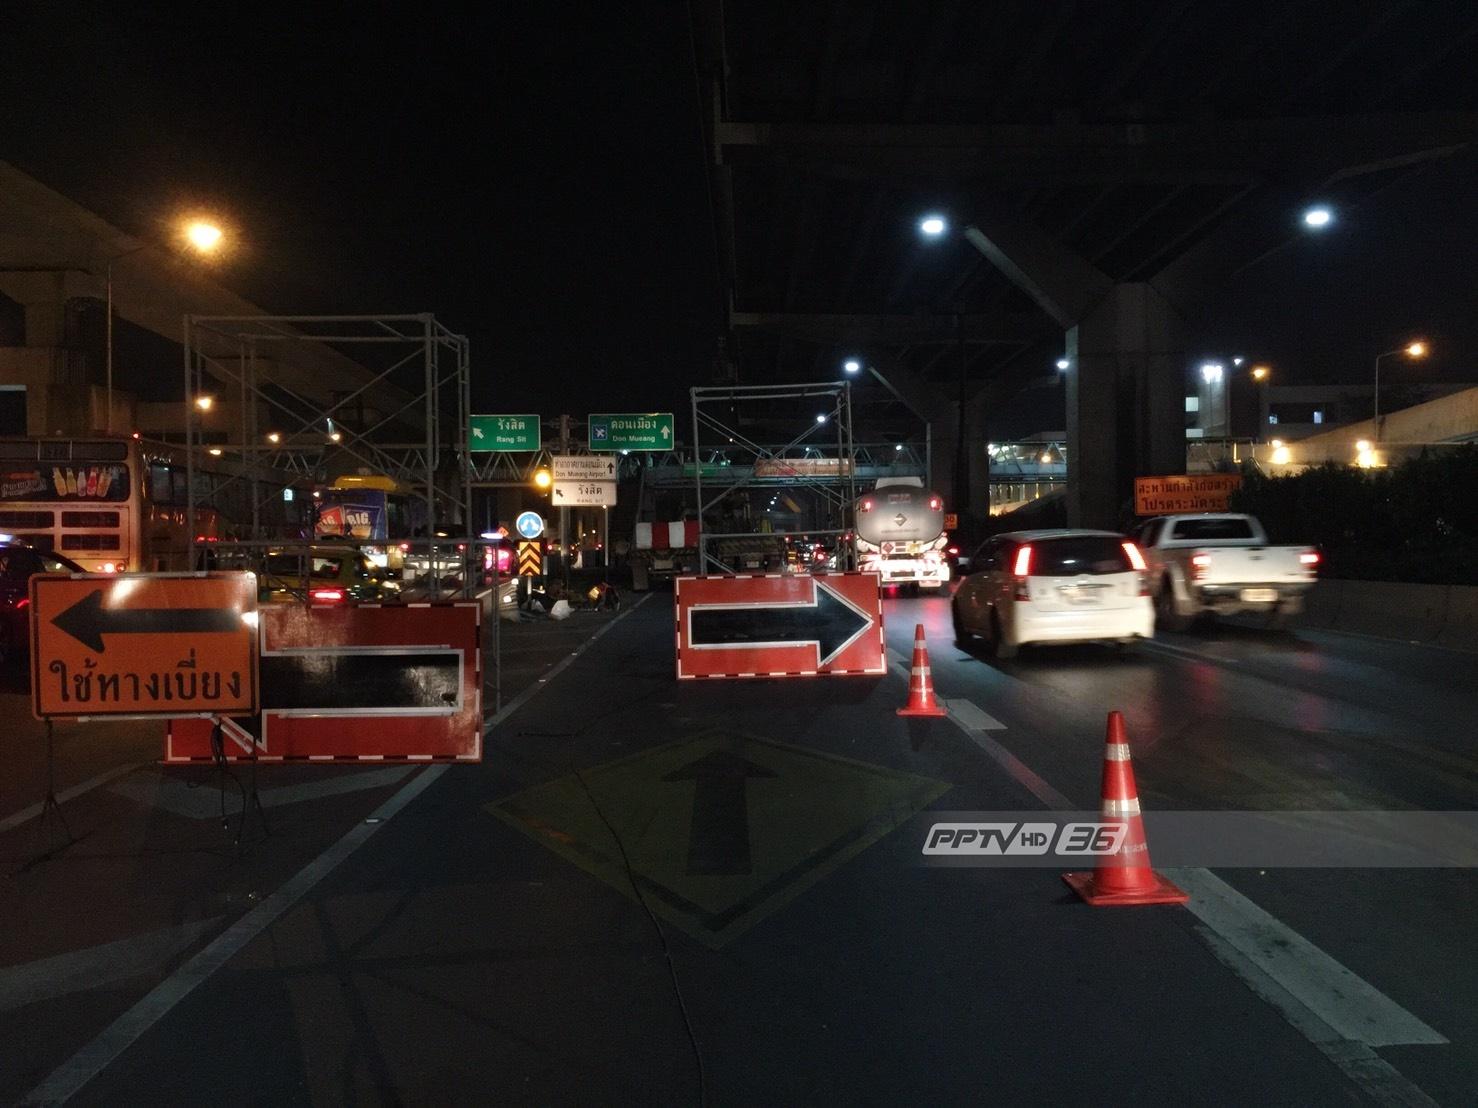 เริ่มแล้ว !! ปิดสะพานเข้าสนามบินดอนเมือง ผู้โดยสารเผื่อเวลาอย่างน้อย 3 ชั่วโมง